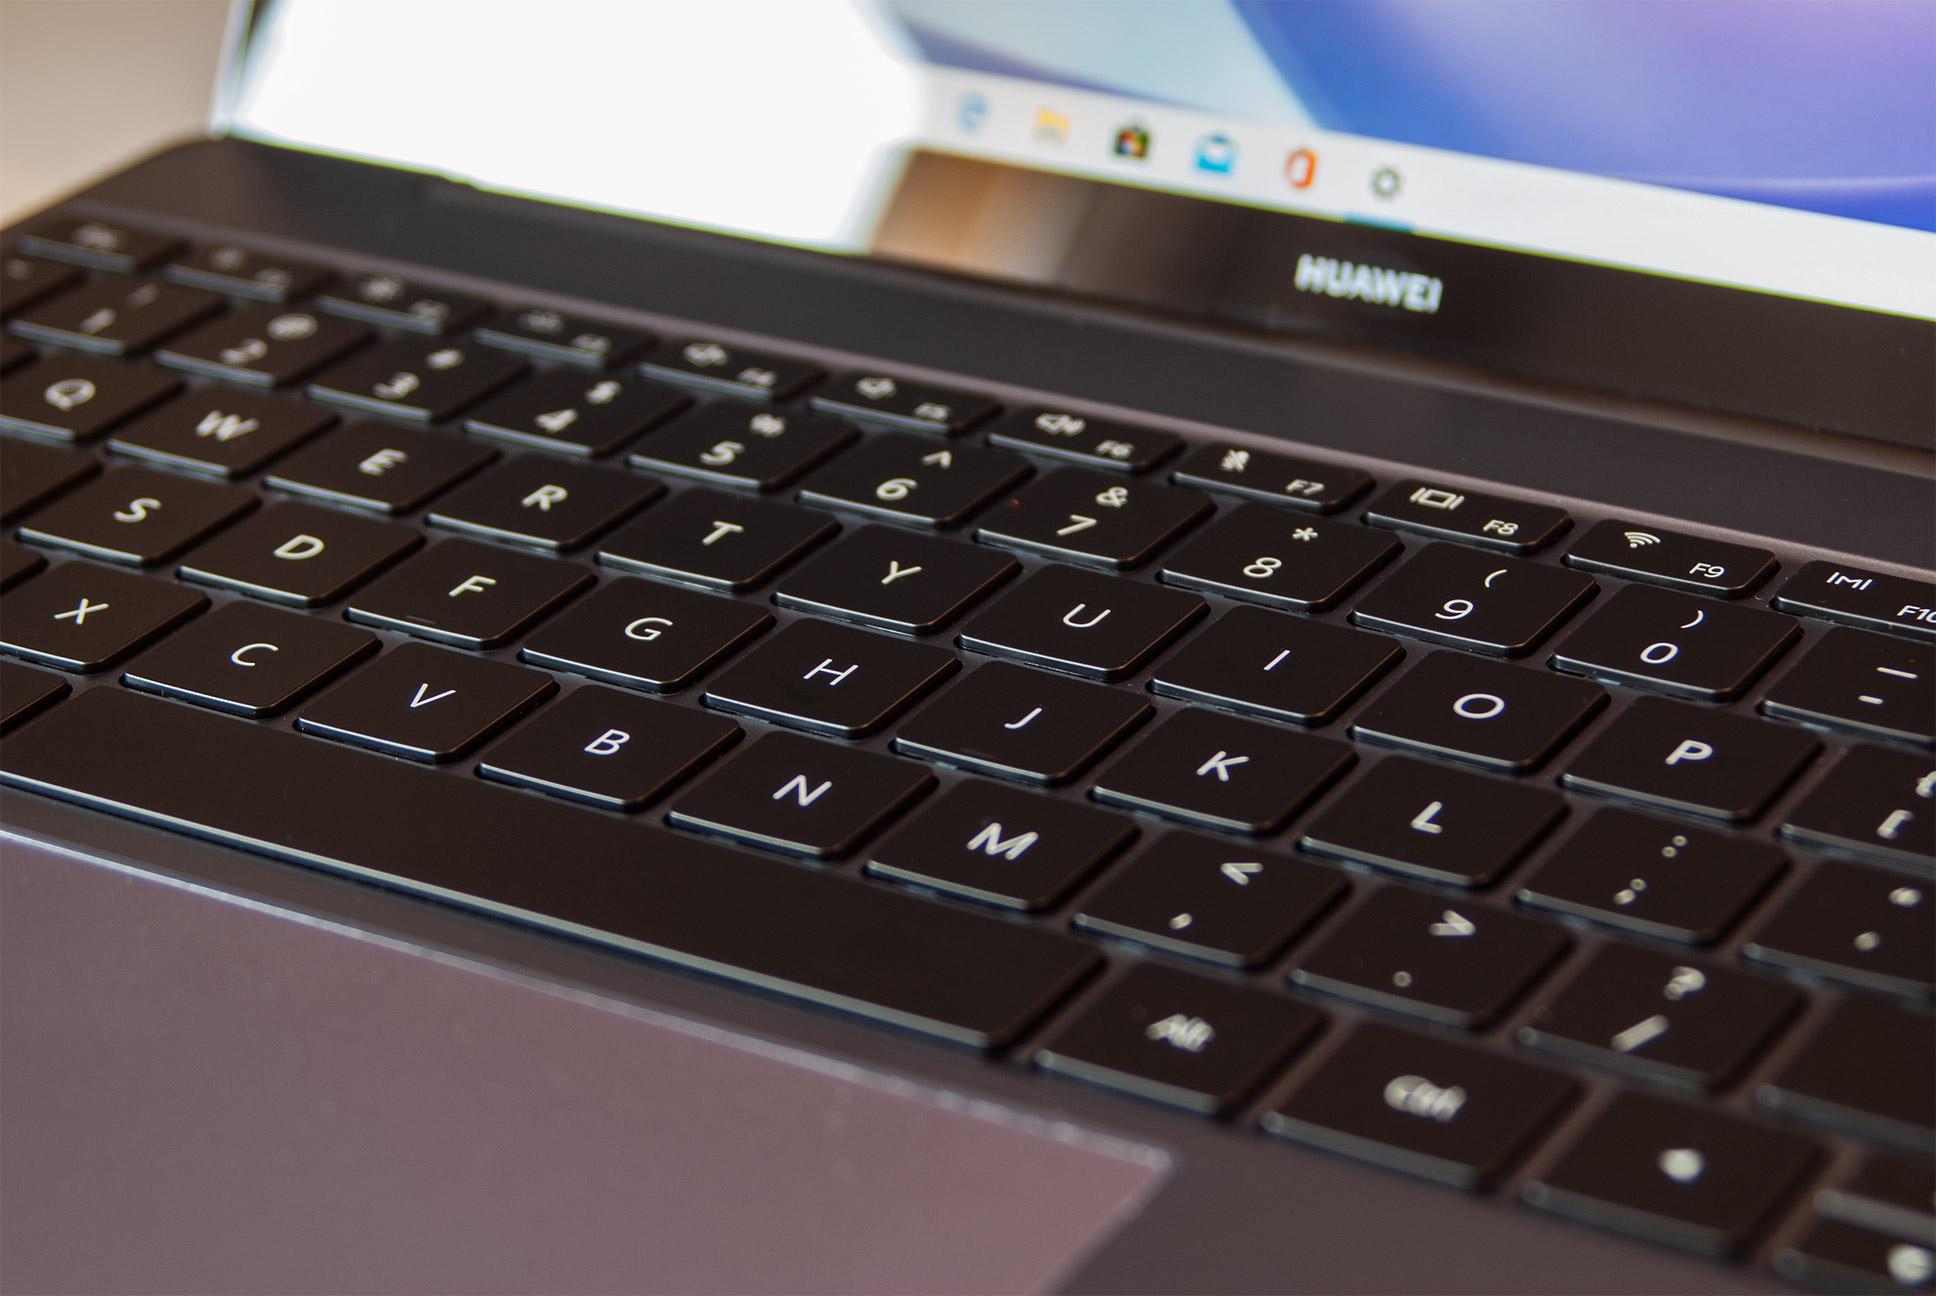 Recenzja Huawei Matebook 13 z procesorem AMD. W tej cenie wybaczyć mogę wiele